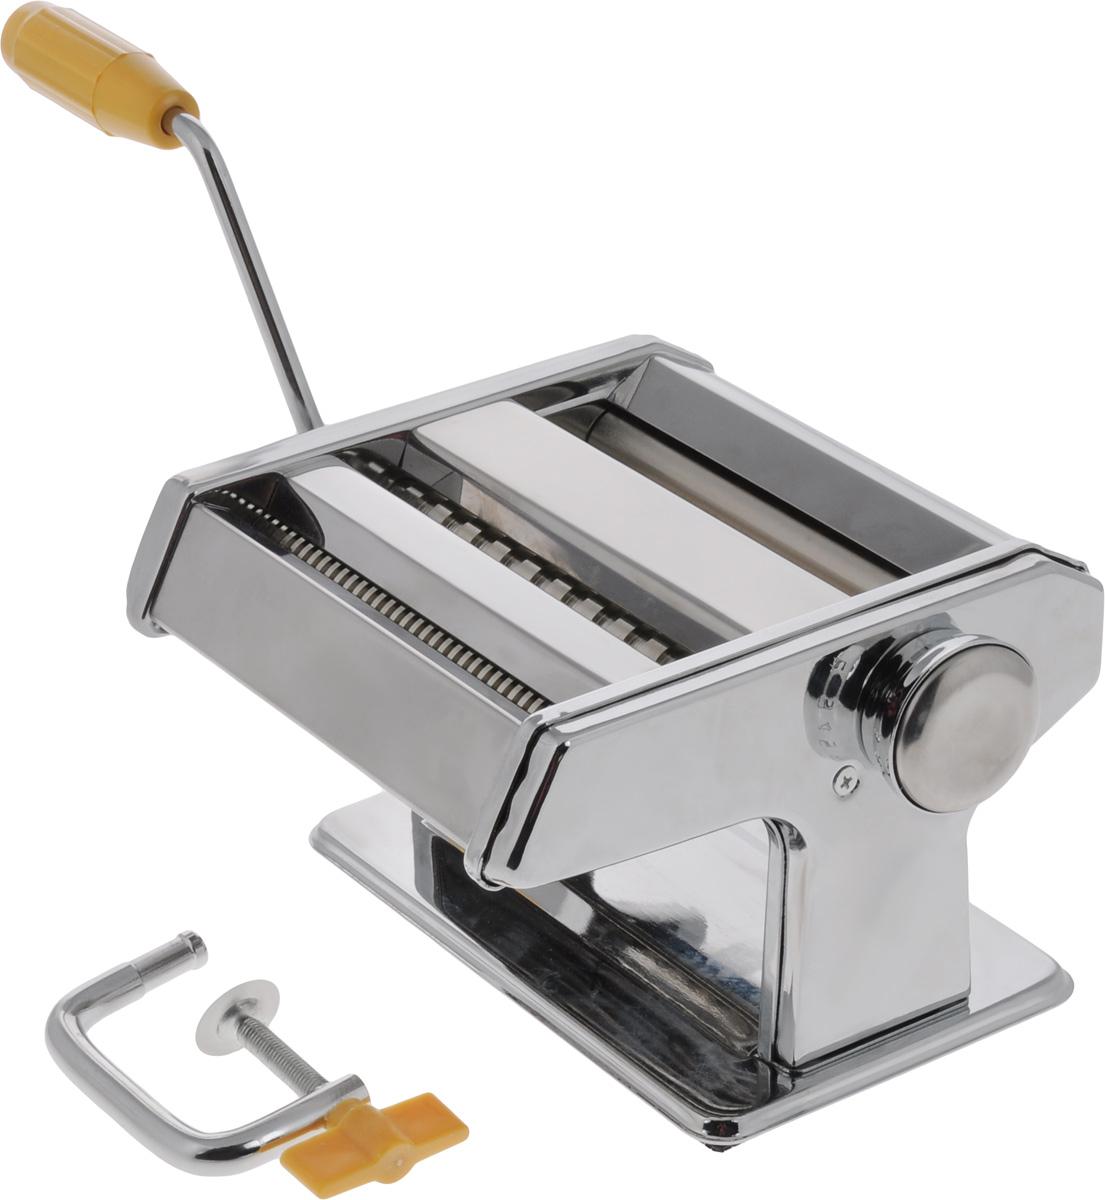 Лапшерезка ручная Mayer & Boch22603Ручная лапшерезка Mayer & Boch изготовлена из высококачественной углеродистой стали с зеркальной полировкой. Изделие прекрасно подходит для раскатки теста для лазаньи, домашней лапши или пасты. Лапшерезка оснащена валиком для раскатки теста и съемной ручкой. В комплекте - струбцина для крепления к столу. Принцип работы лапшерезки очень прост: вращая рукоятку, вы запускаете валики, которые позволяют раскатать идеально тонкое тесто, с помощью ручки раскатанное тесто также можно разрезать на узкие или широкие полоски. Для удобства использования ручка оснащена пластиковой вставкой. Лапшерезка Mayer & Boch имеет 9 режимов толщины раскатки теста и позволяет нарезать 2 вида лапши. Размер лапшерезки (ДхШхВ): 18,5 х 18,5 х 13 см. Ширина плоской лапши: 6,5 мм. Ширина спагетти: 2 мм.